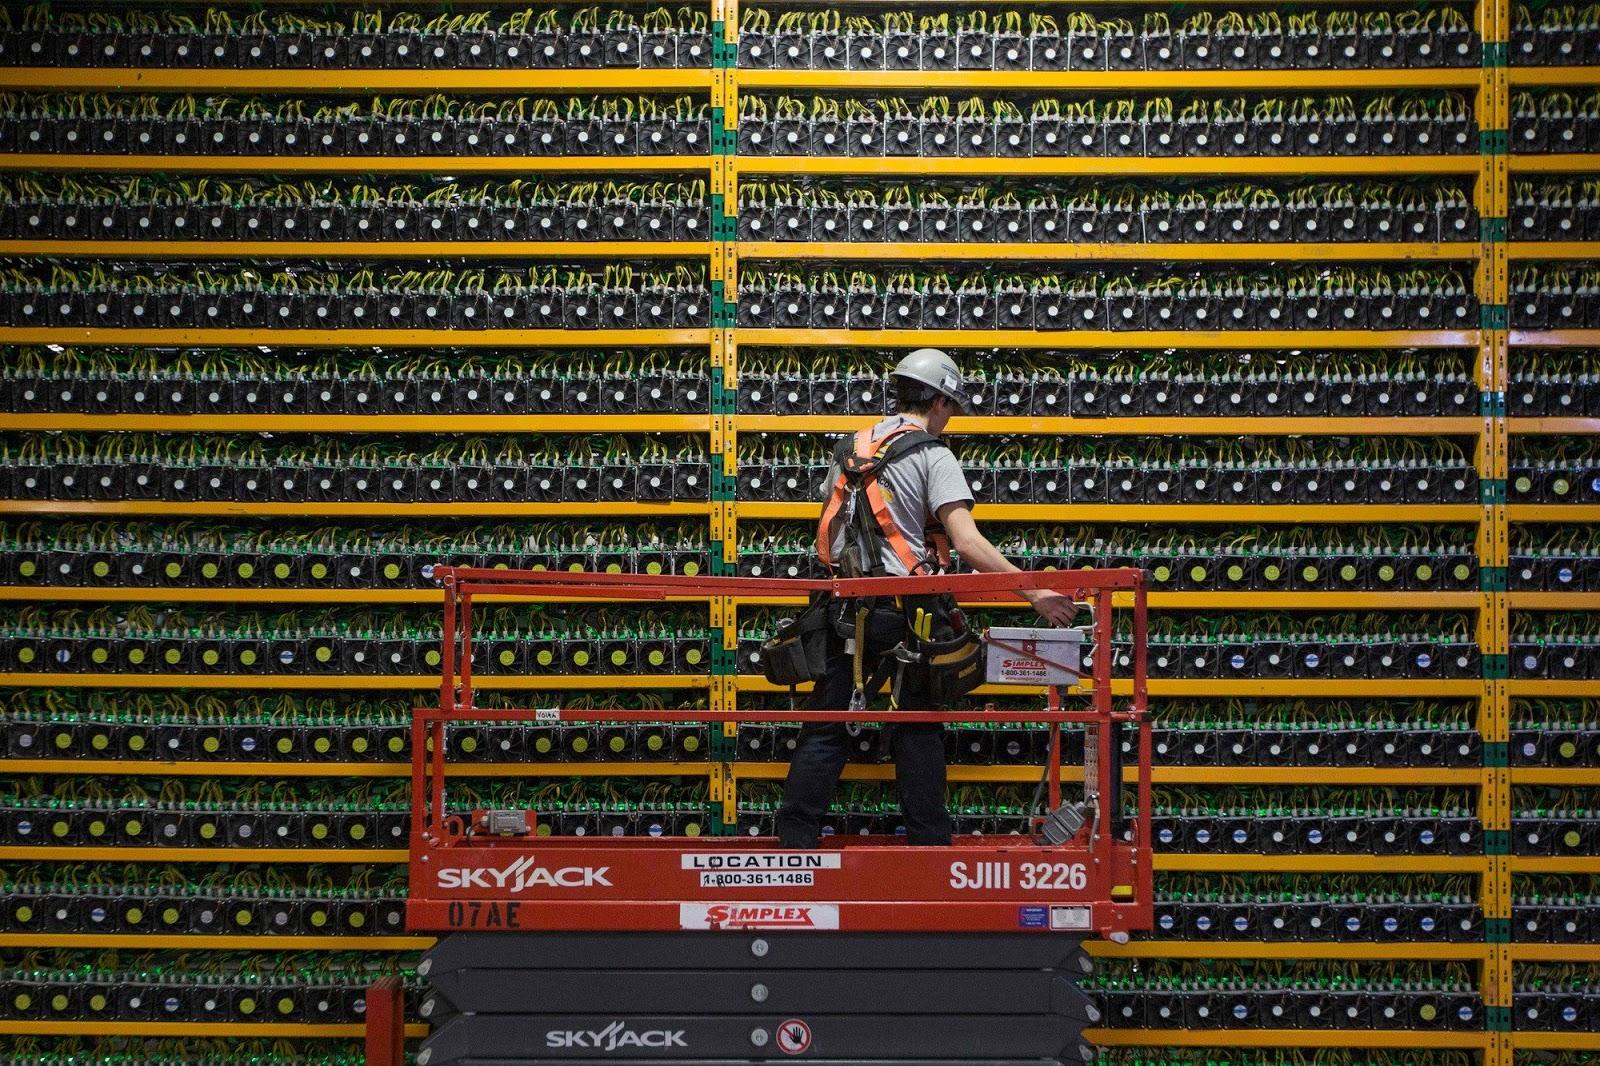 İran'ın Düşük Elektrik Maliyetleri Kripto Madenciliği Endüstrisine İtiyor